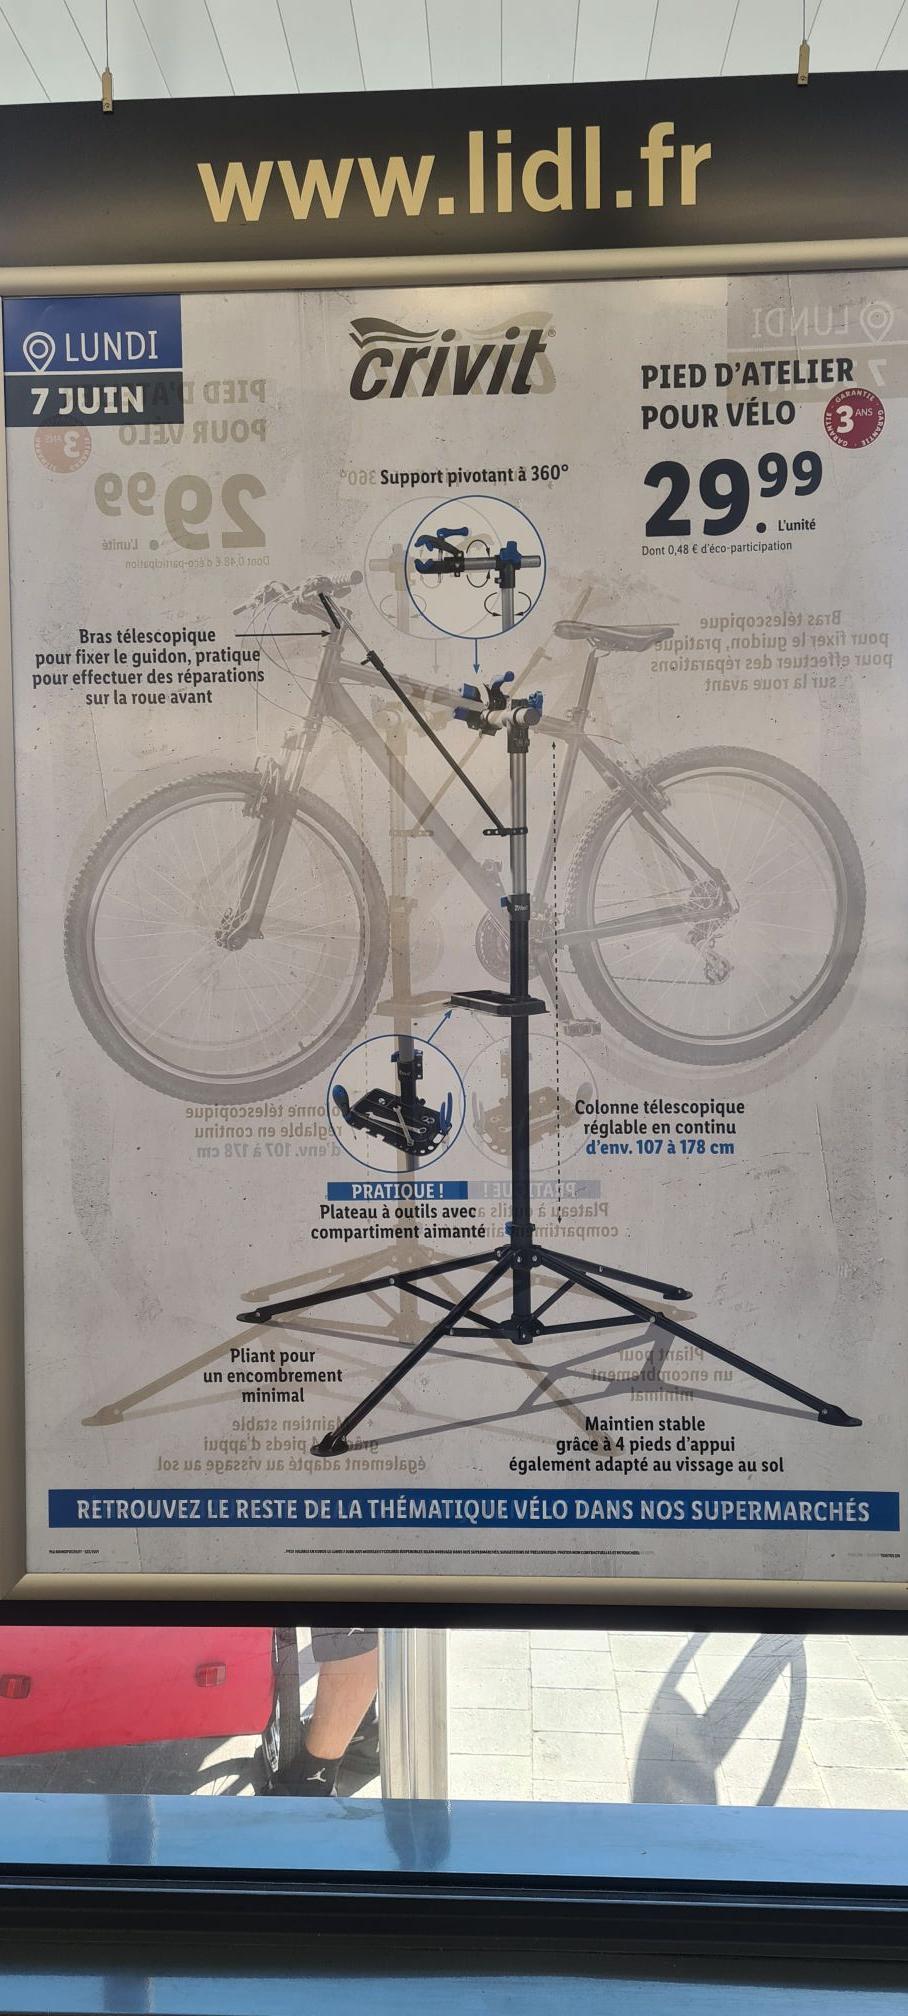 Pied d'atelier pour vélo Crivit - Le Grau-du-Roi (30)